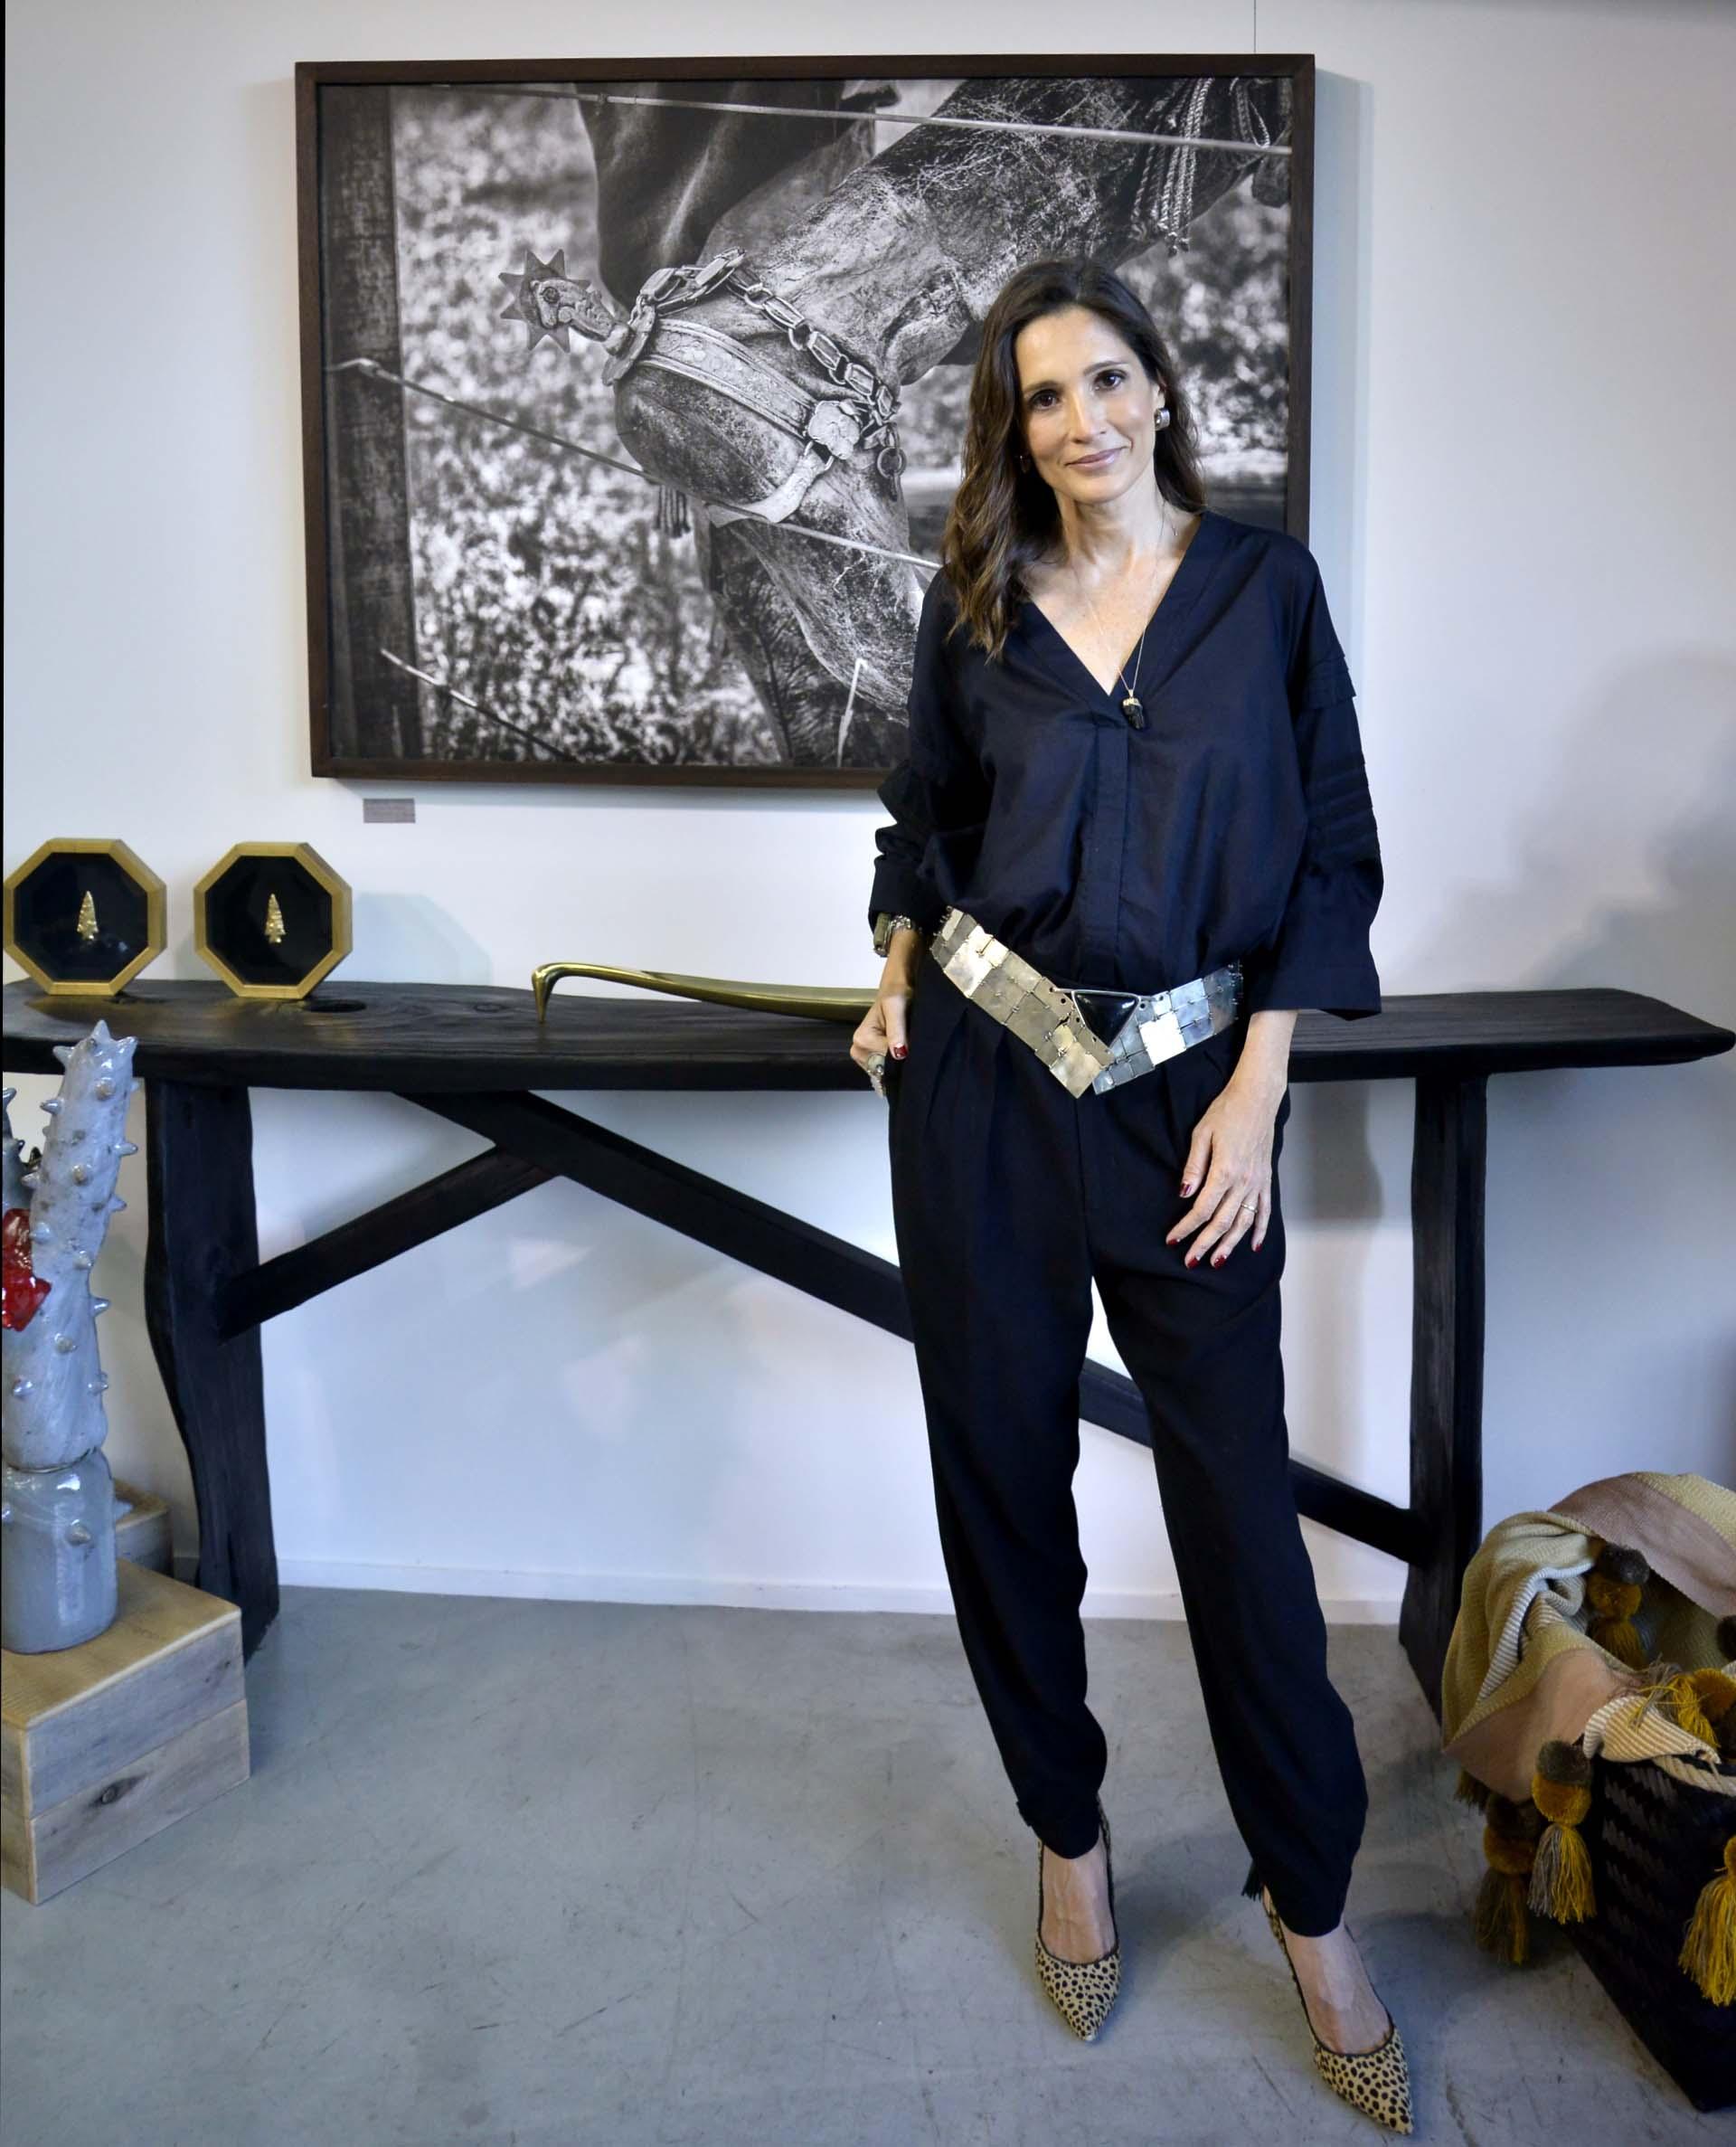 Dueña de una gran carrera internacional como modelo, dejó atrás las pasarelas en las que desfiló para los diseñadores más importantes del mundo, y actualmente se encuentra detrás de su espacio de objetos de diseño, moda y arte argentino